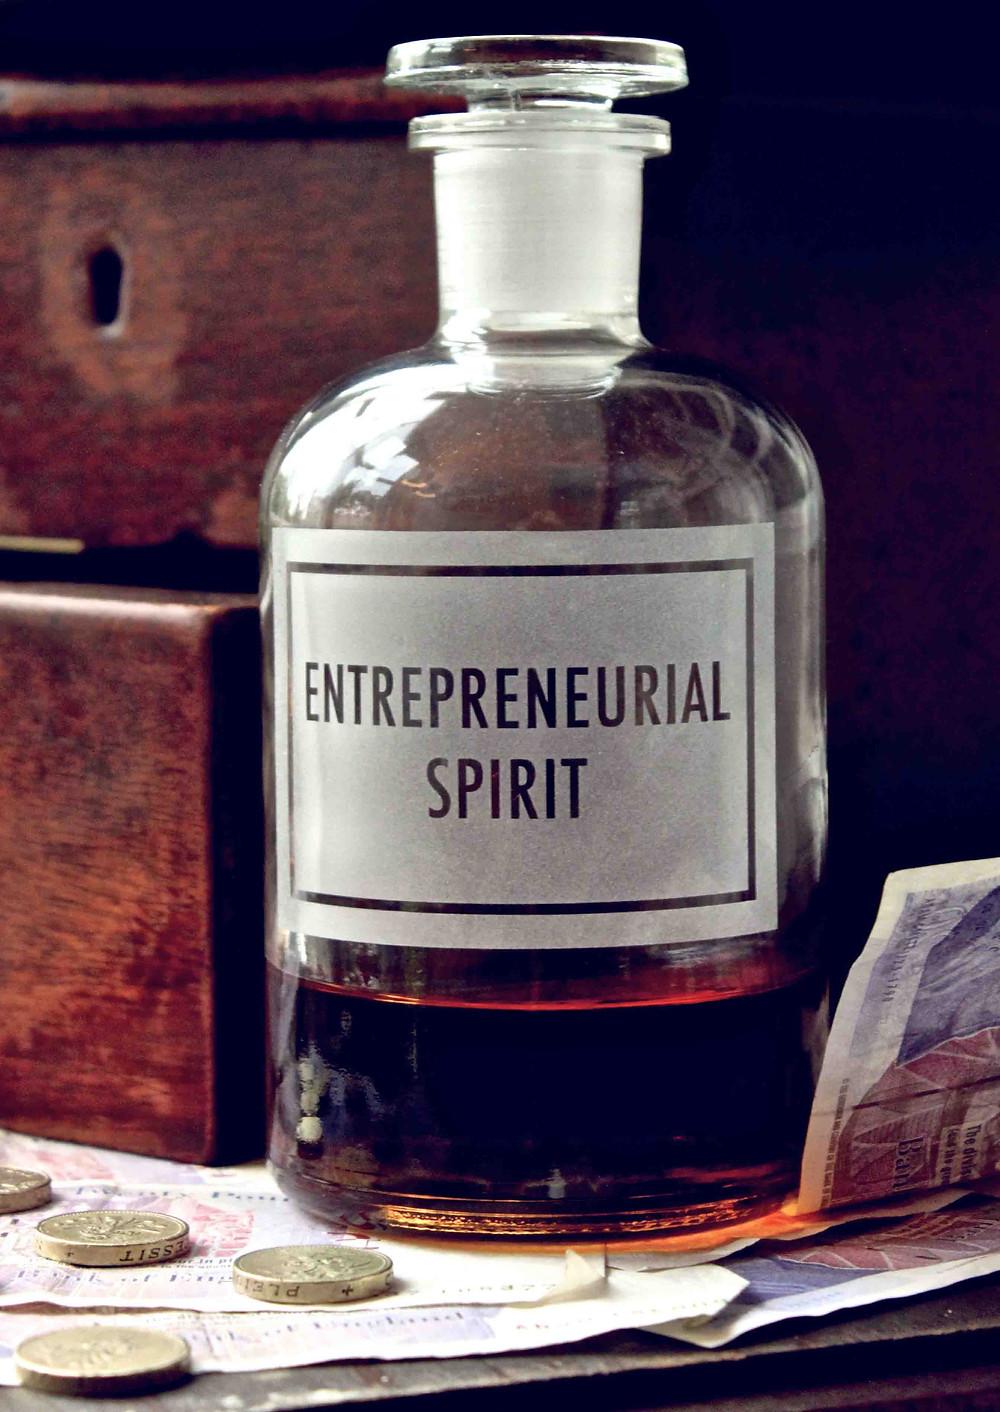 Smells like entrepreneur spirit